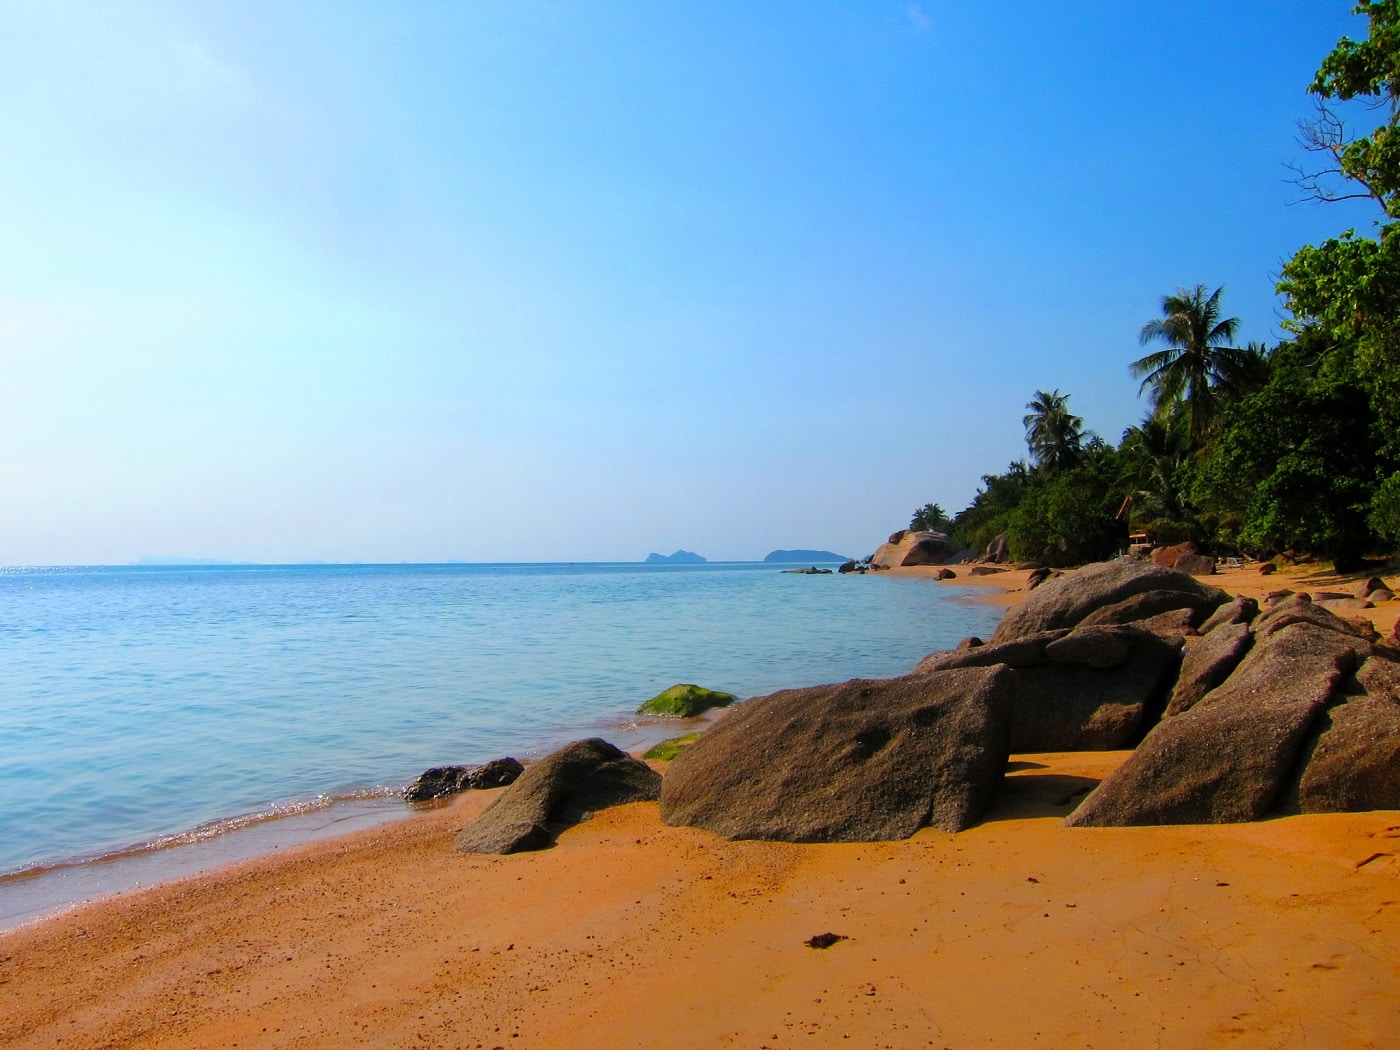 Plajele întinse din Insula Ko Samui, locul ideal pentre recreere